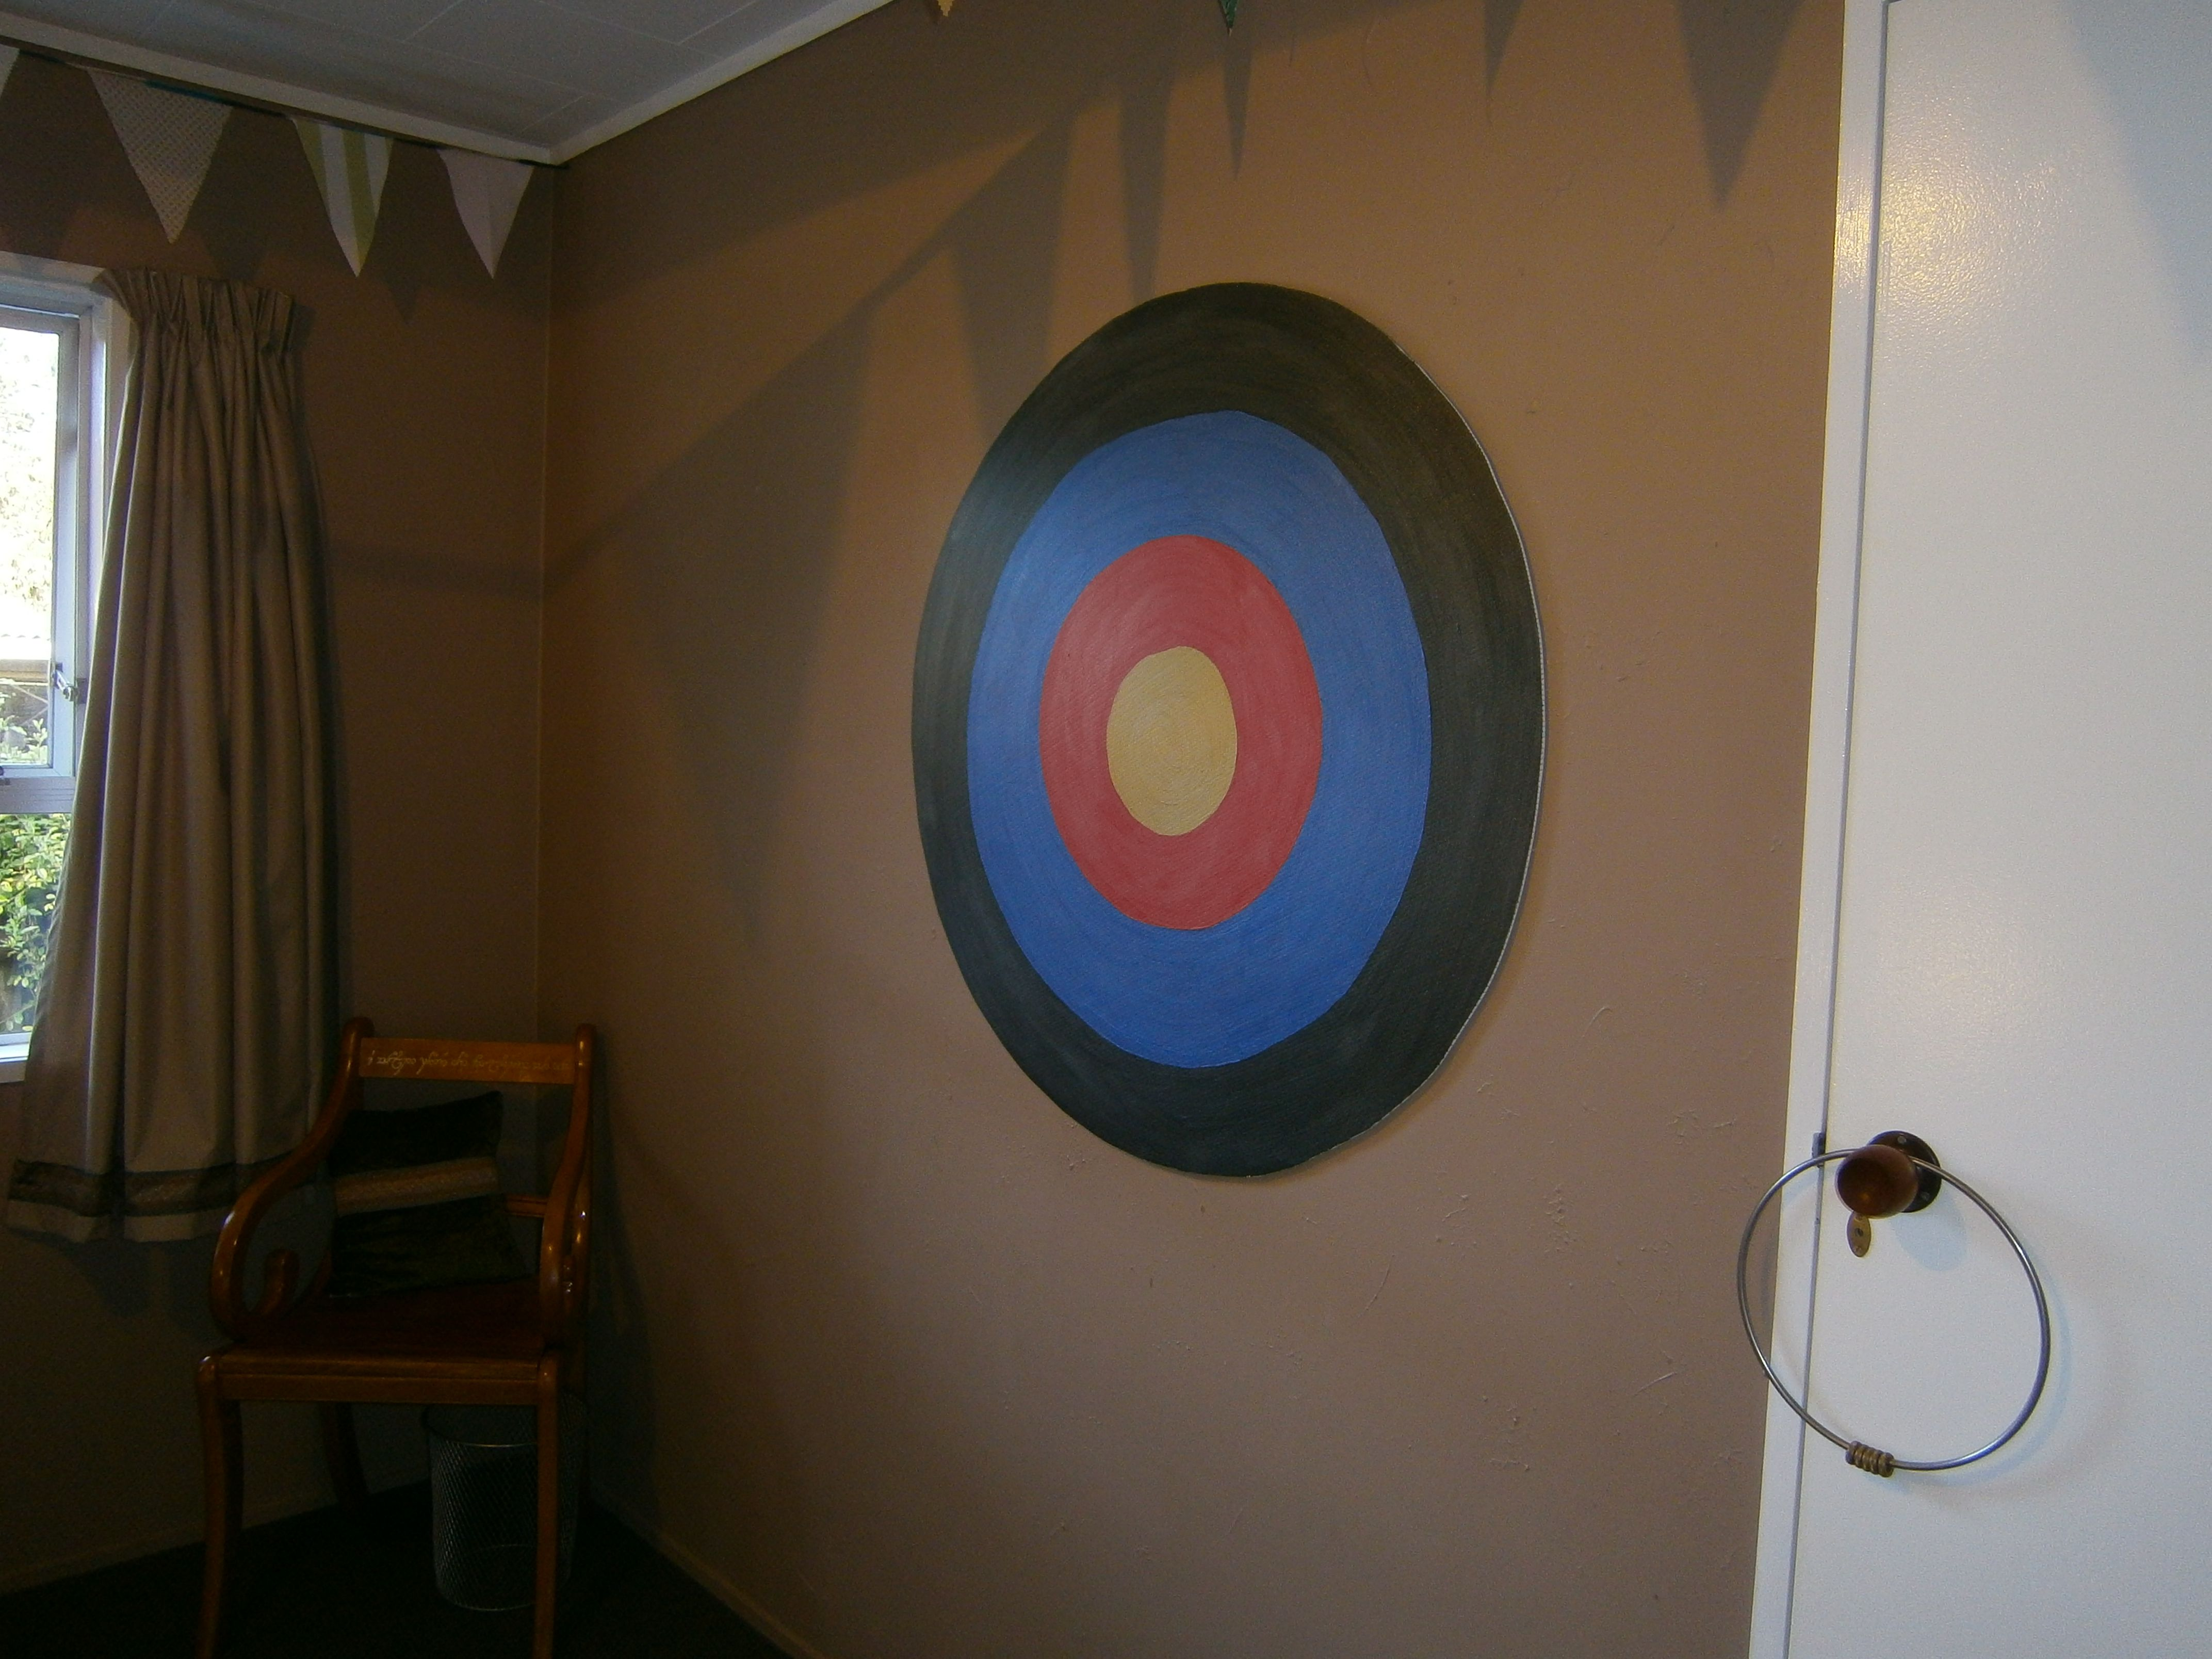 Corflute bullseye for Nerf Gun tar practice